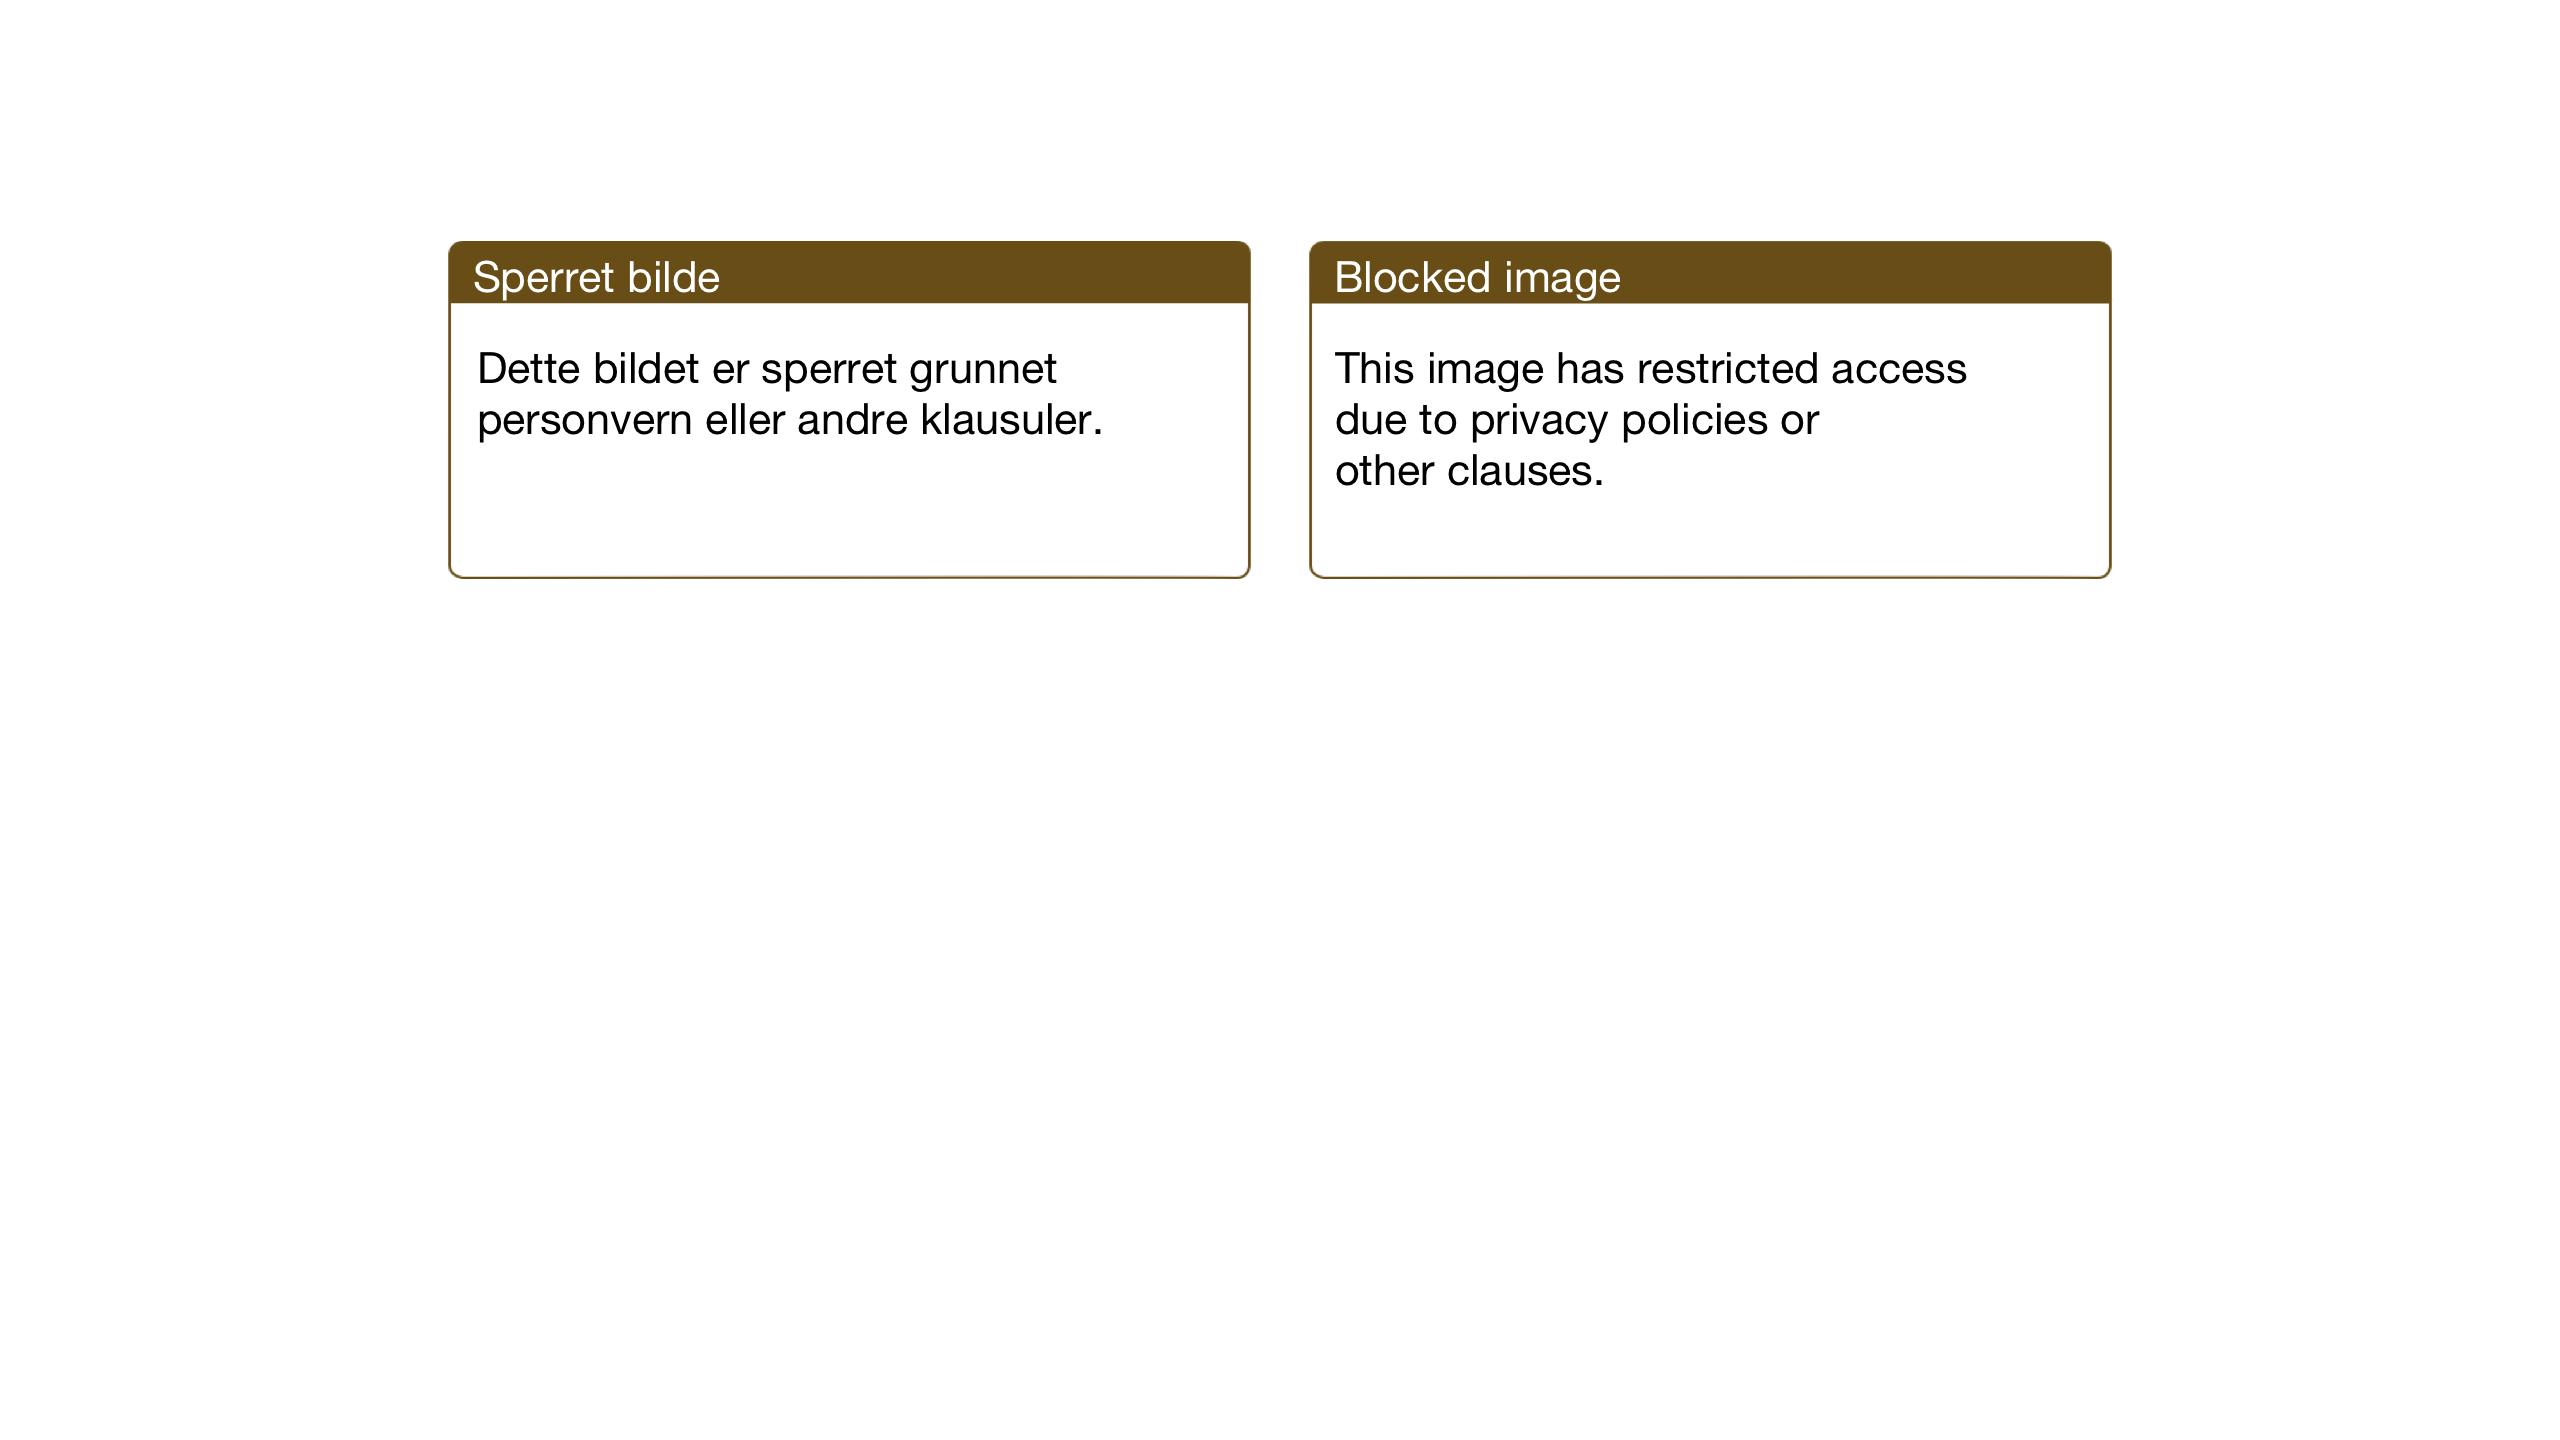 SAT, Ministerialprotokoller, klokkerbøker og fødselsregistre - Nord-Trøndelag, 773/L0625: Klokkerbok nr. 773C01, 1910-1952, s. 229